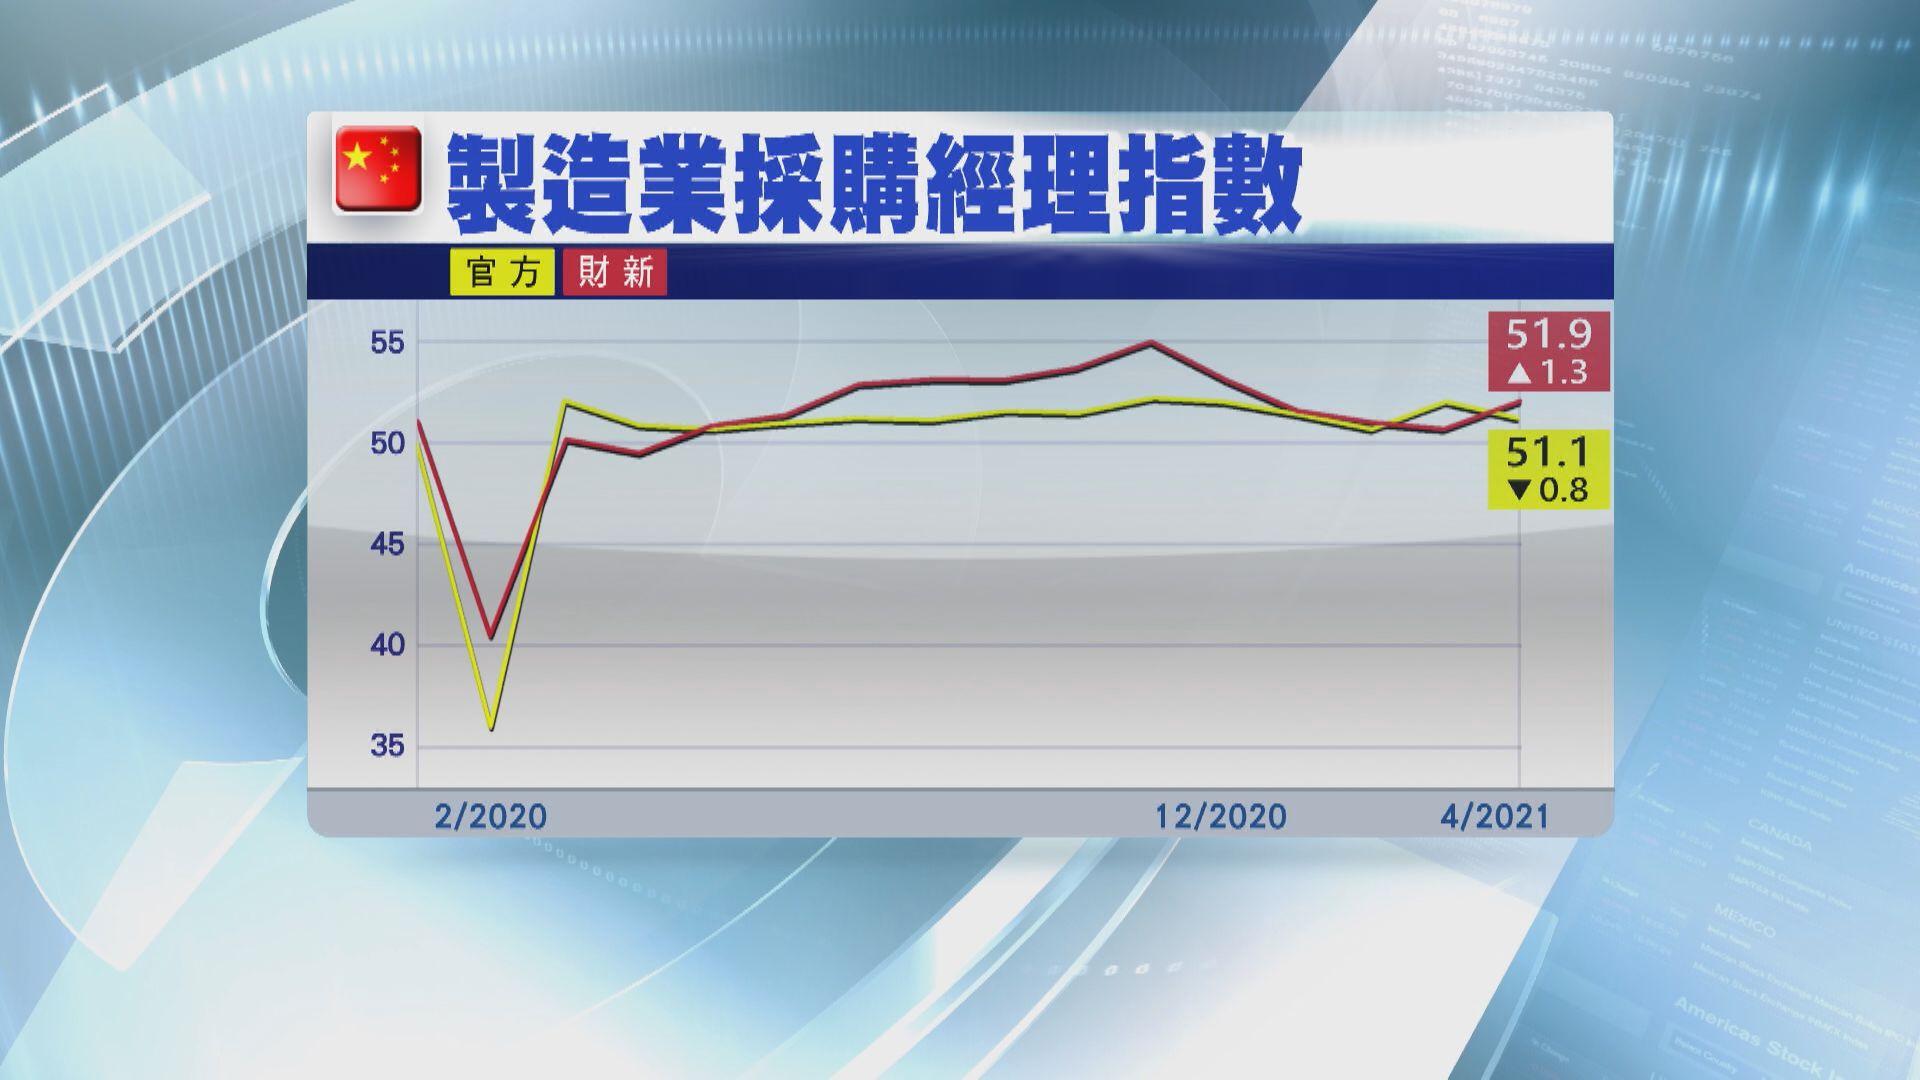 財新:經濟持續復甦有兩大障礙